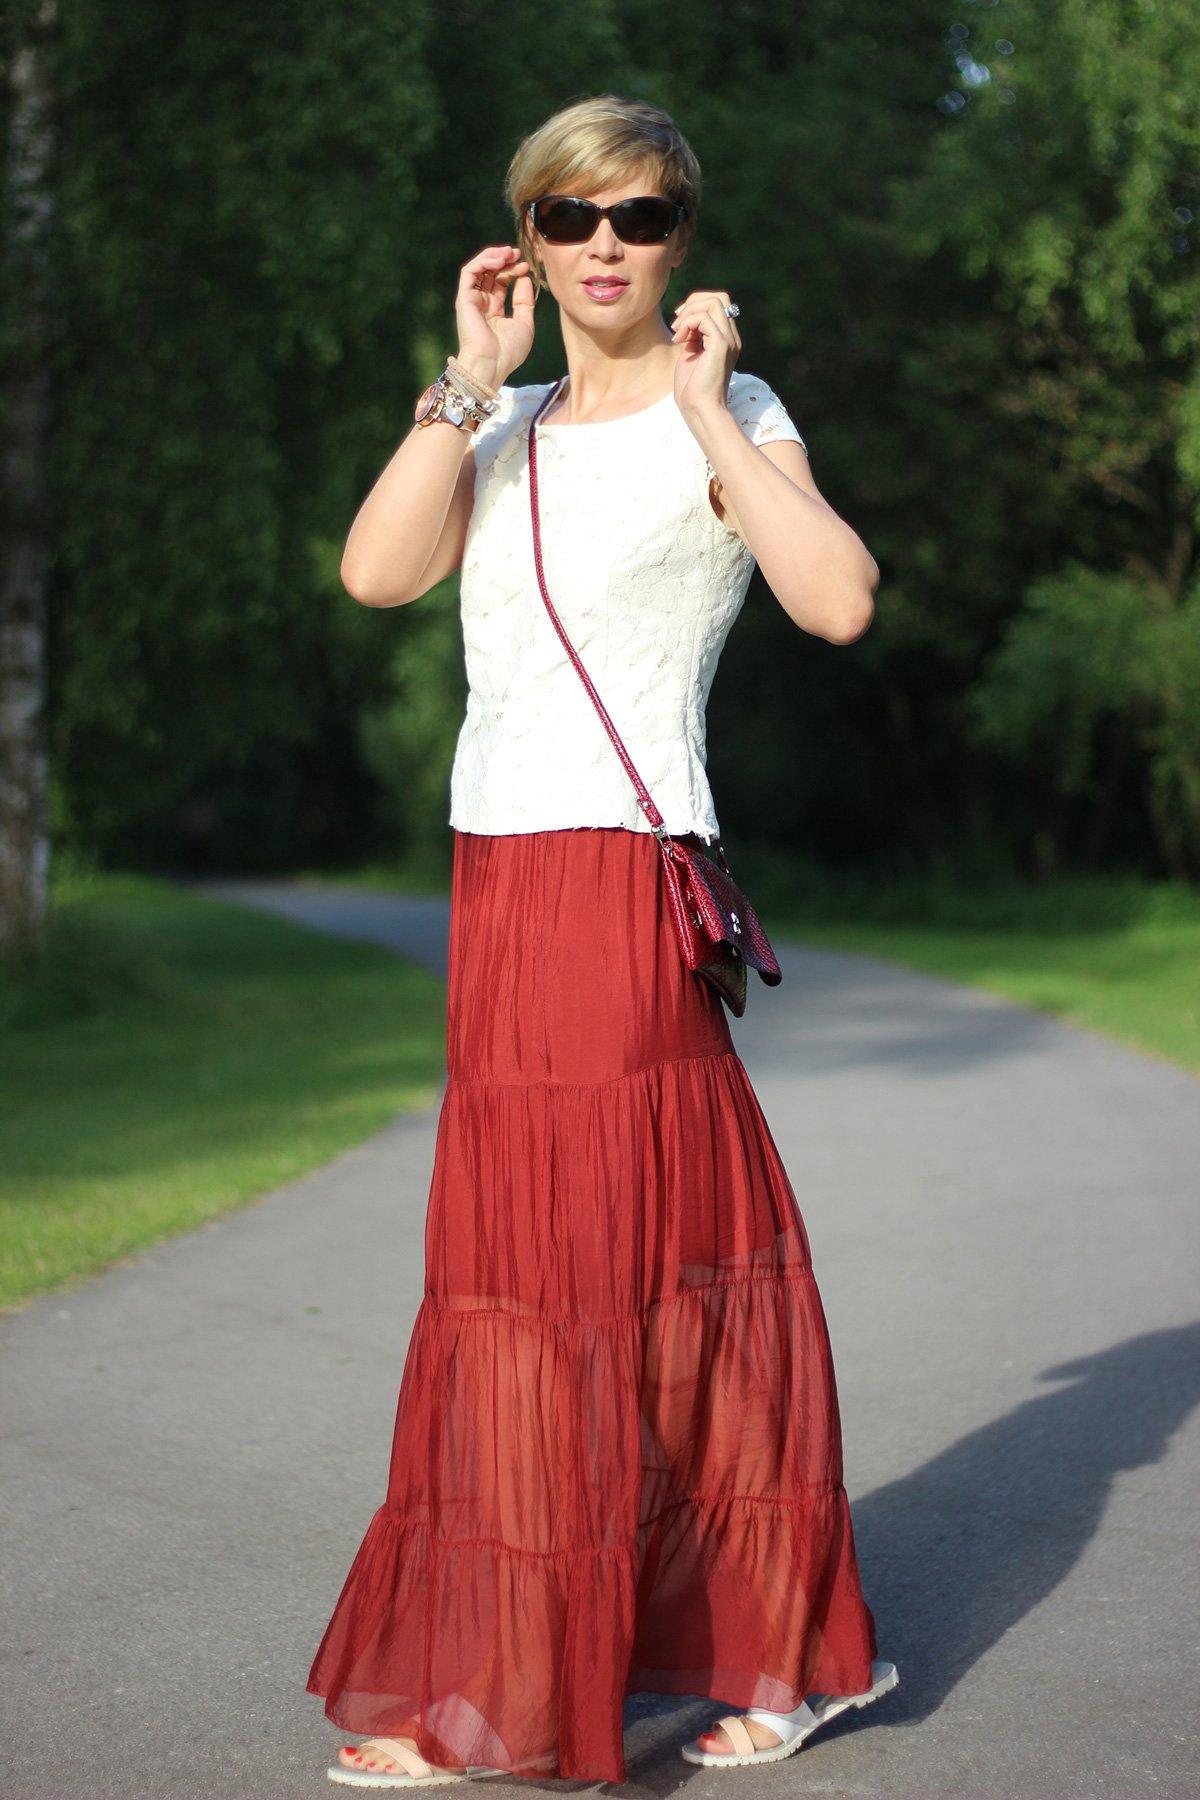 Wünsche, Träume, Maxi-Skirt, durchsichtig, Sommerlook, See, Conny Doll, ü40Blog